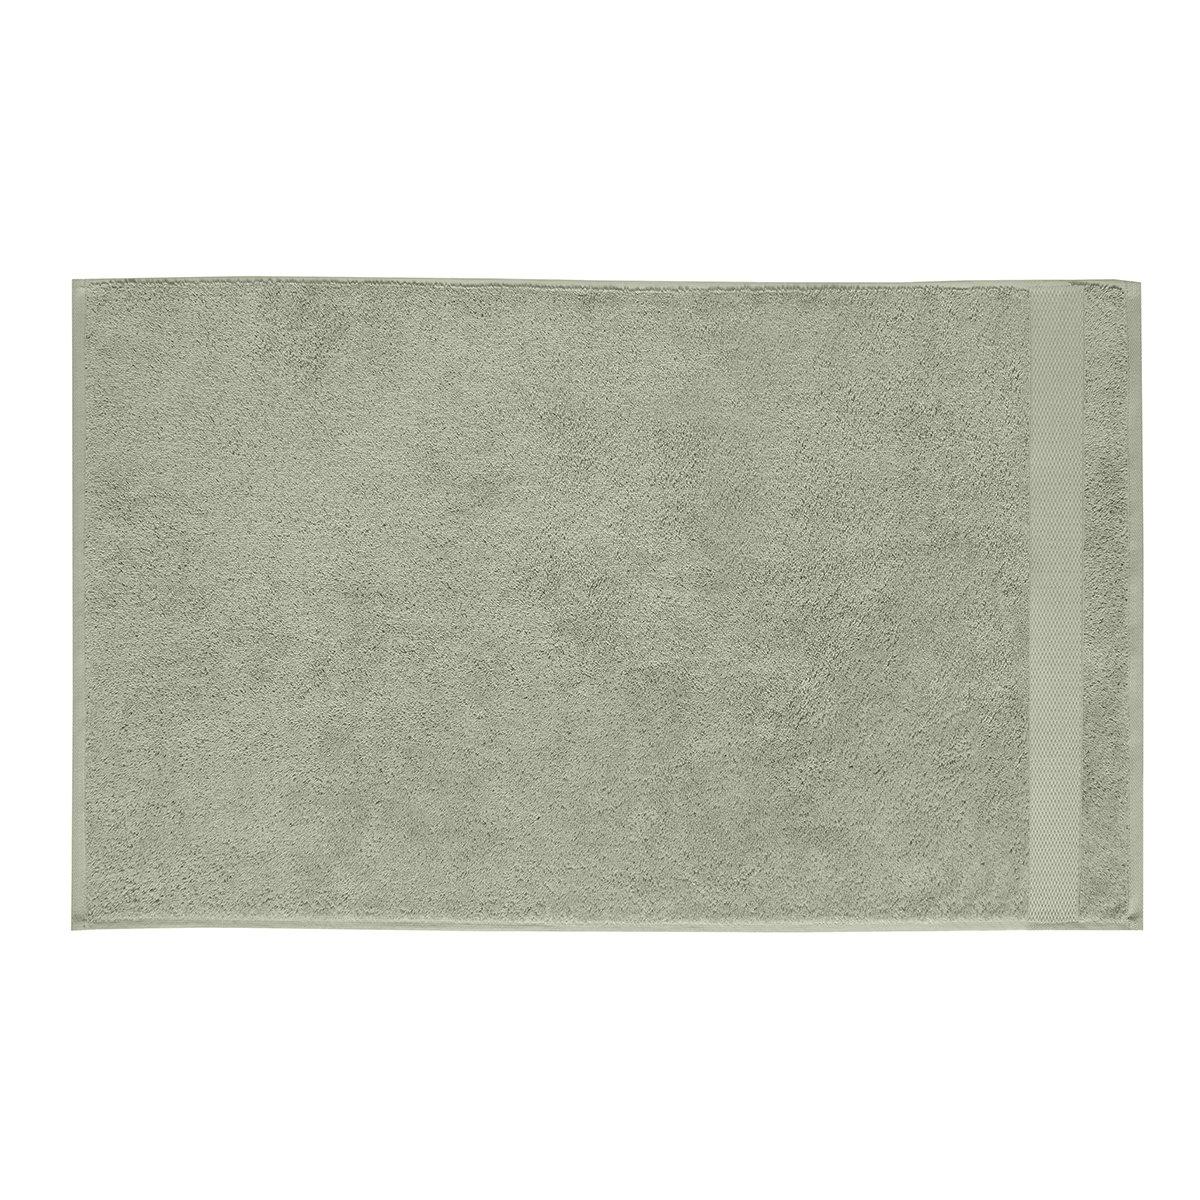 Drap de bain coton 90x150 cm amande